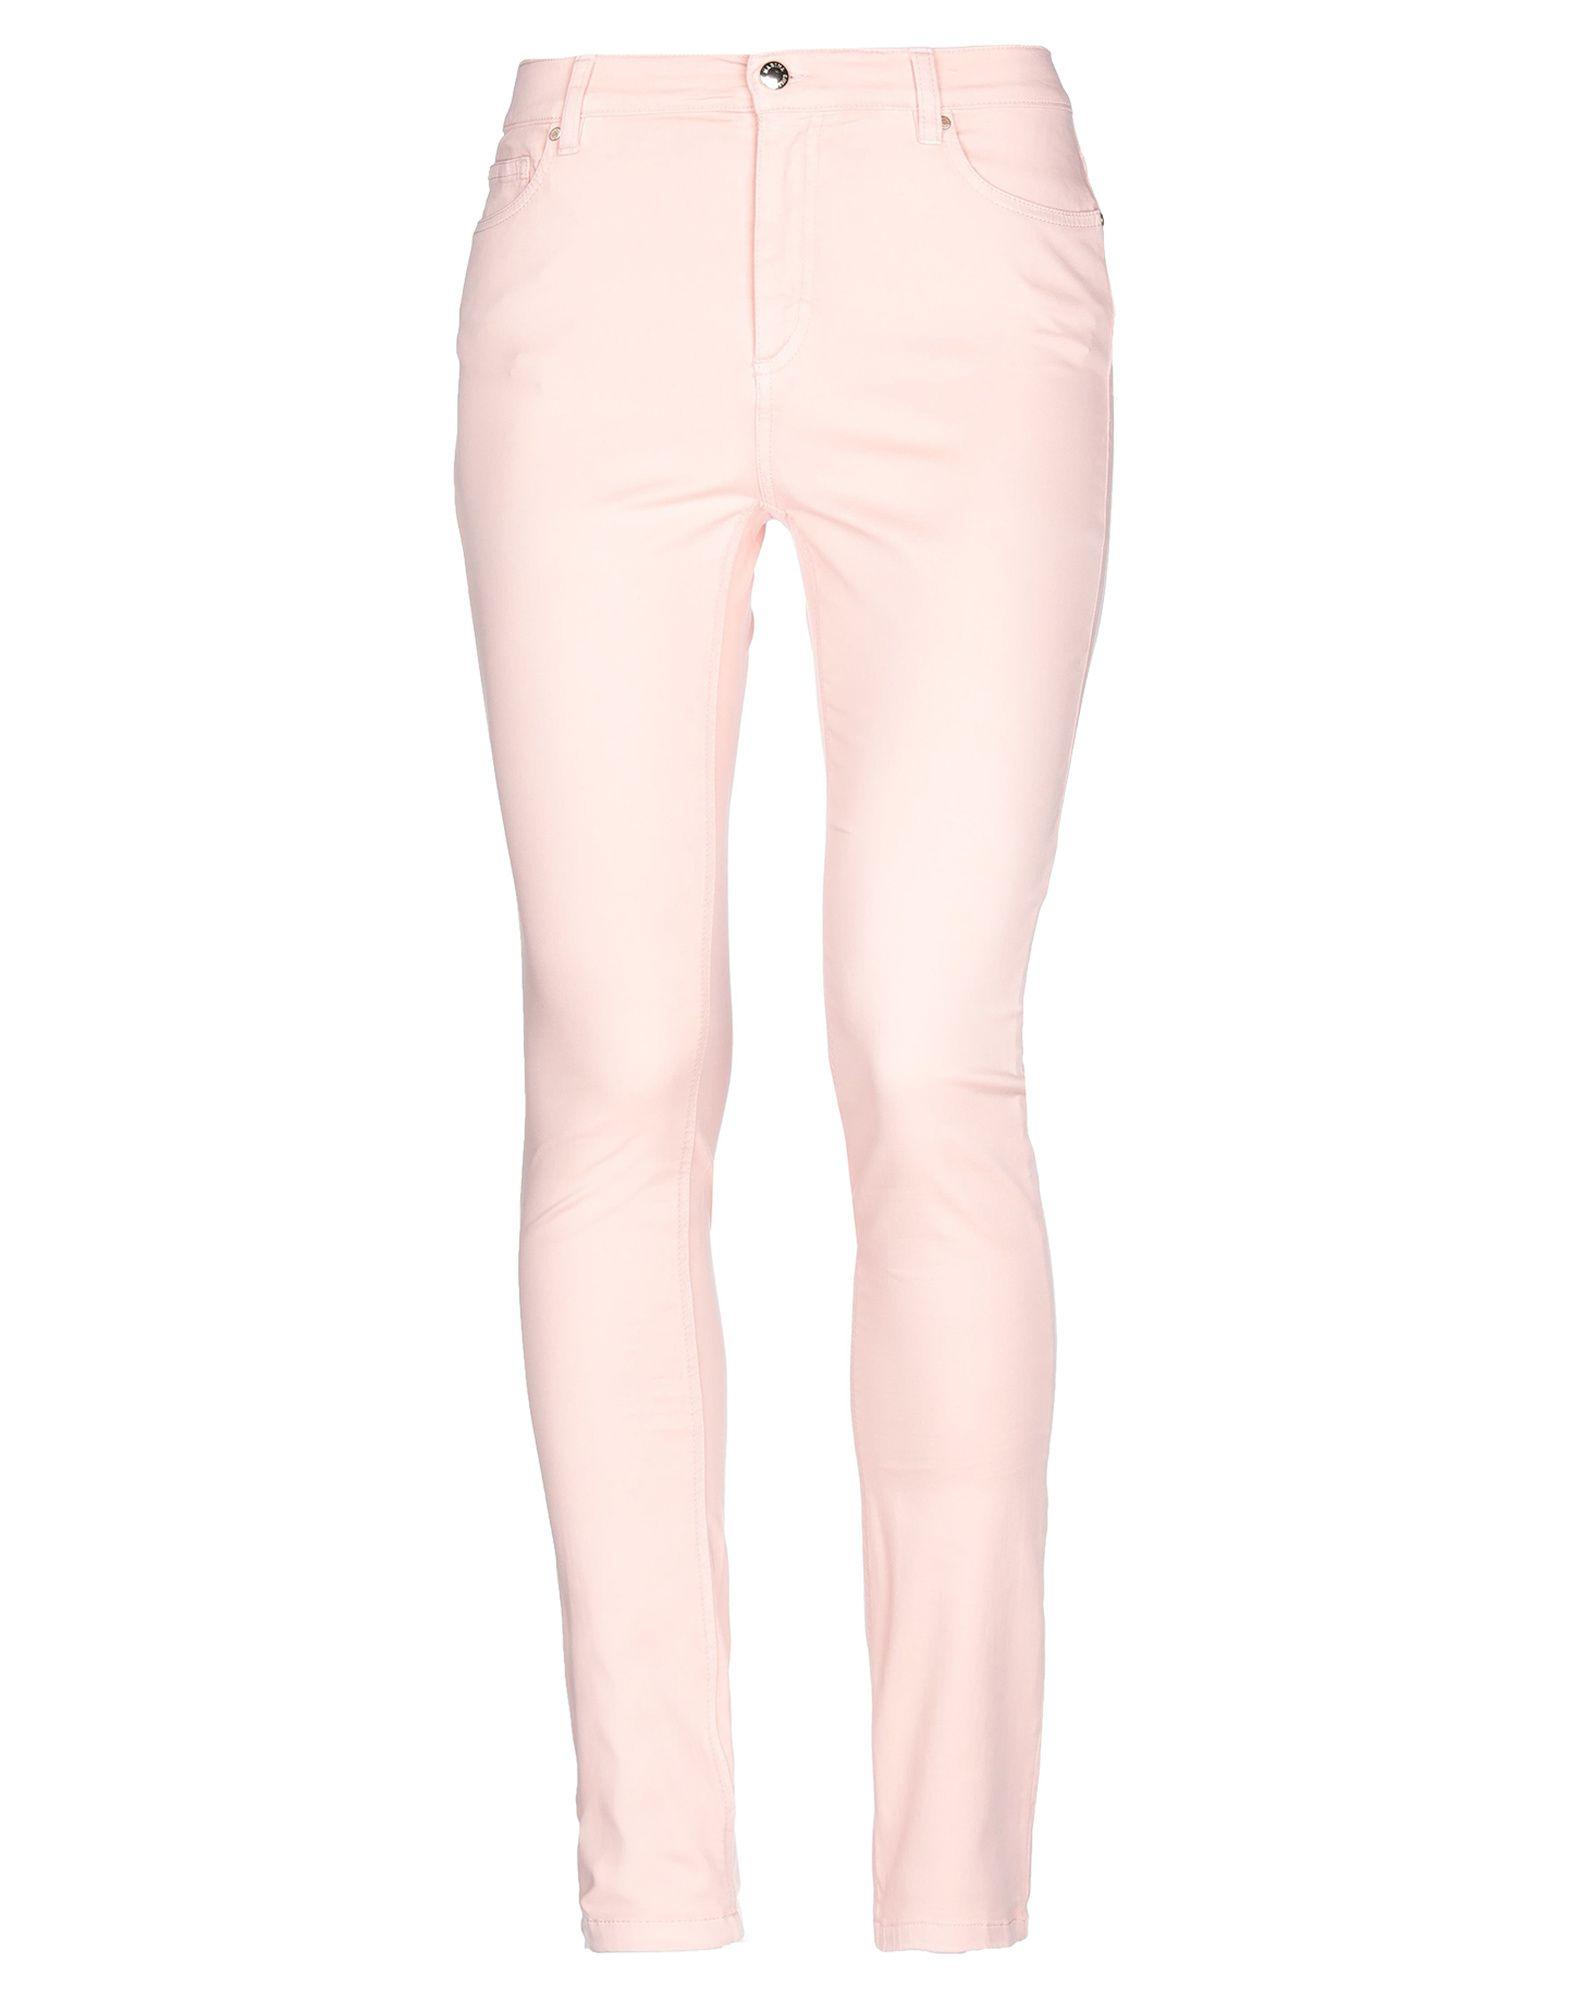 Pantalone Marina Yachting damen - 13307608NG